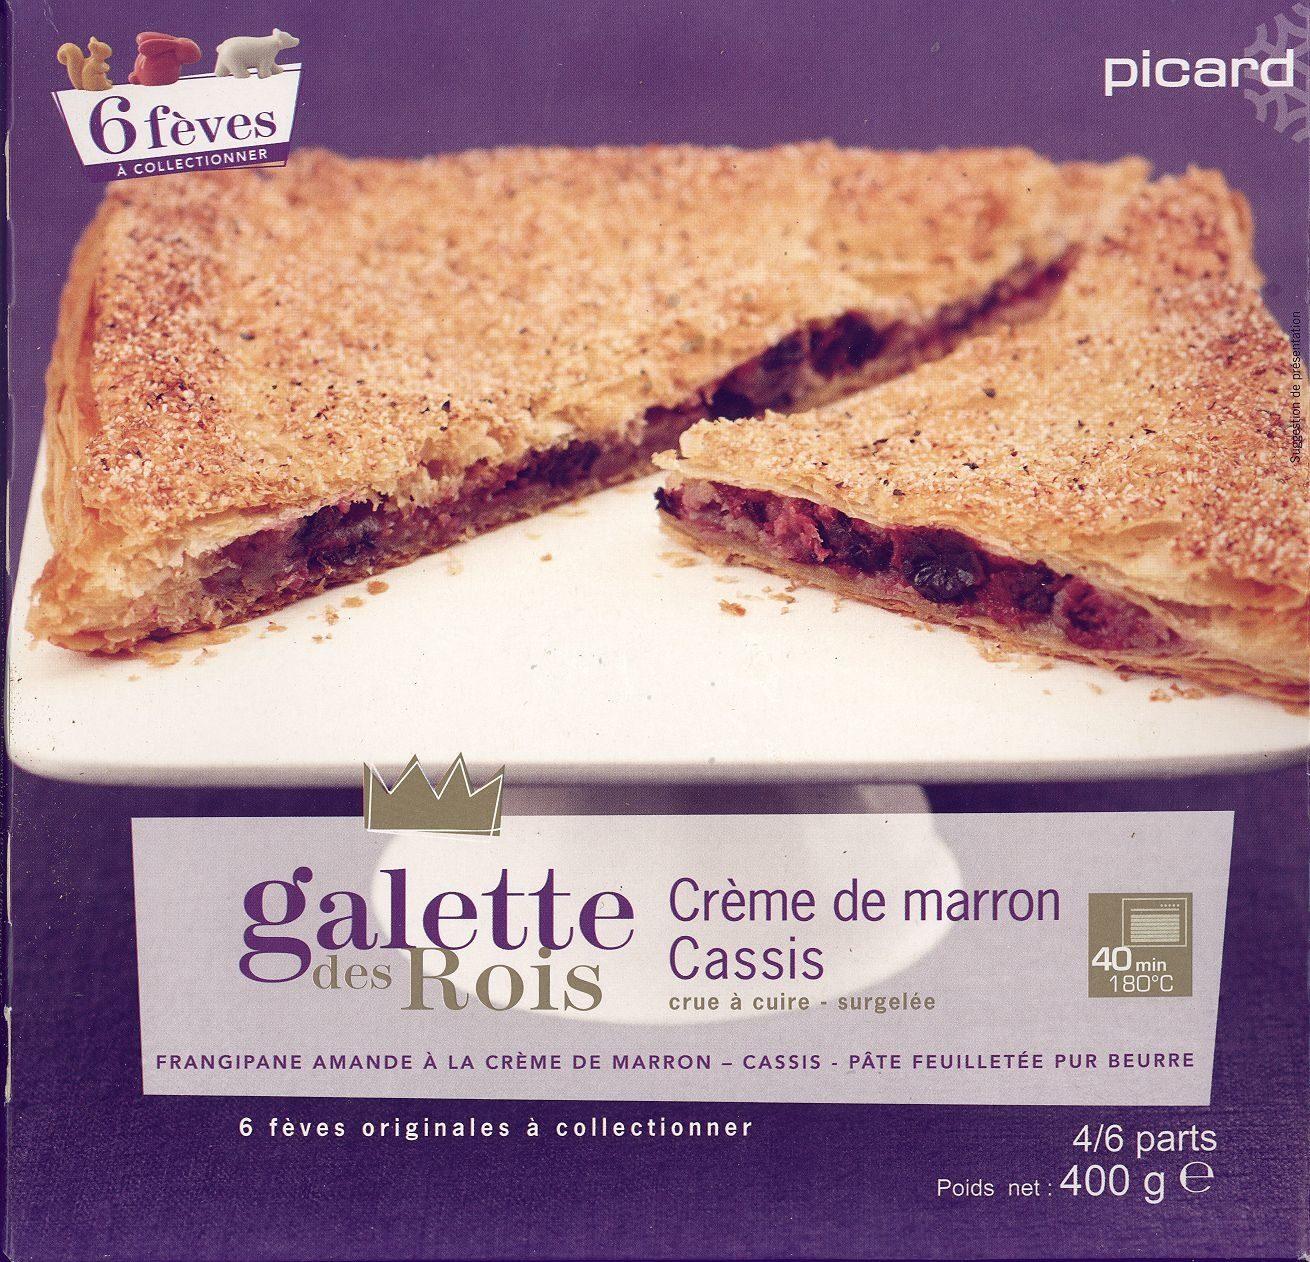 Galette des rois crème de marron cassis - Produit